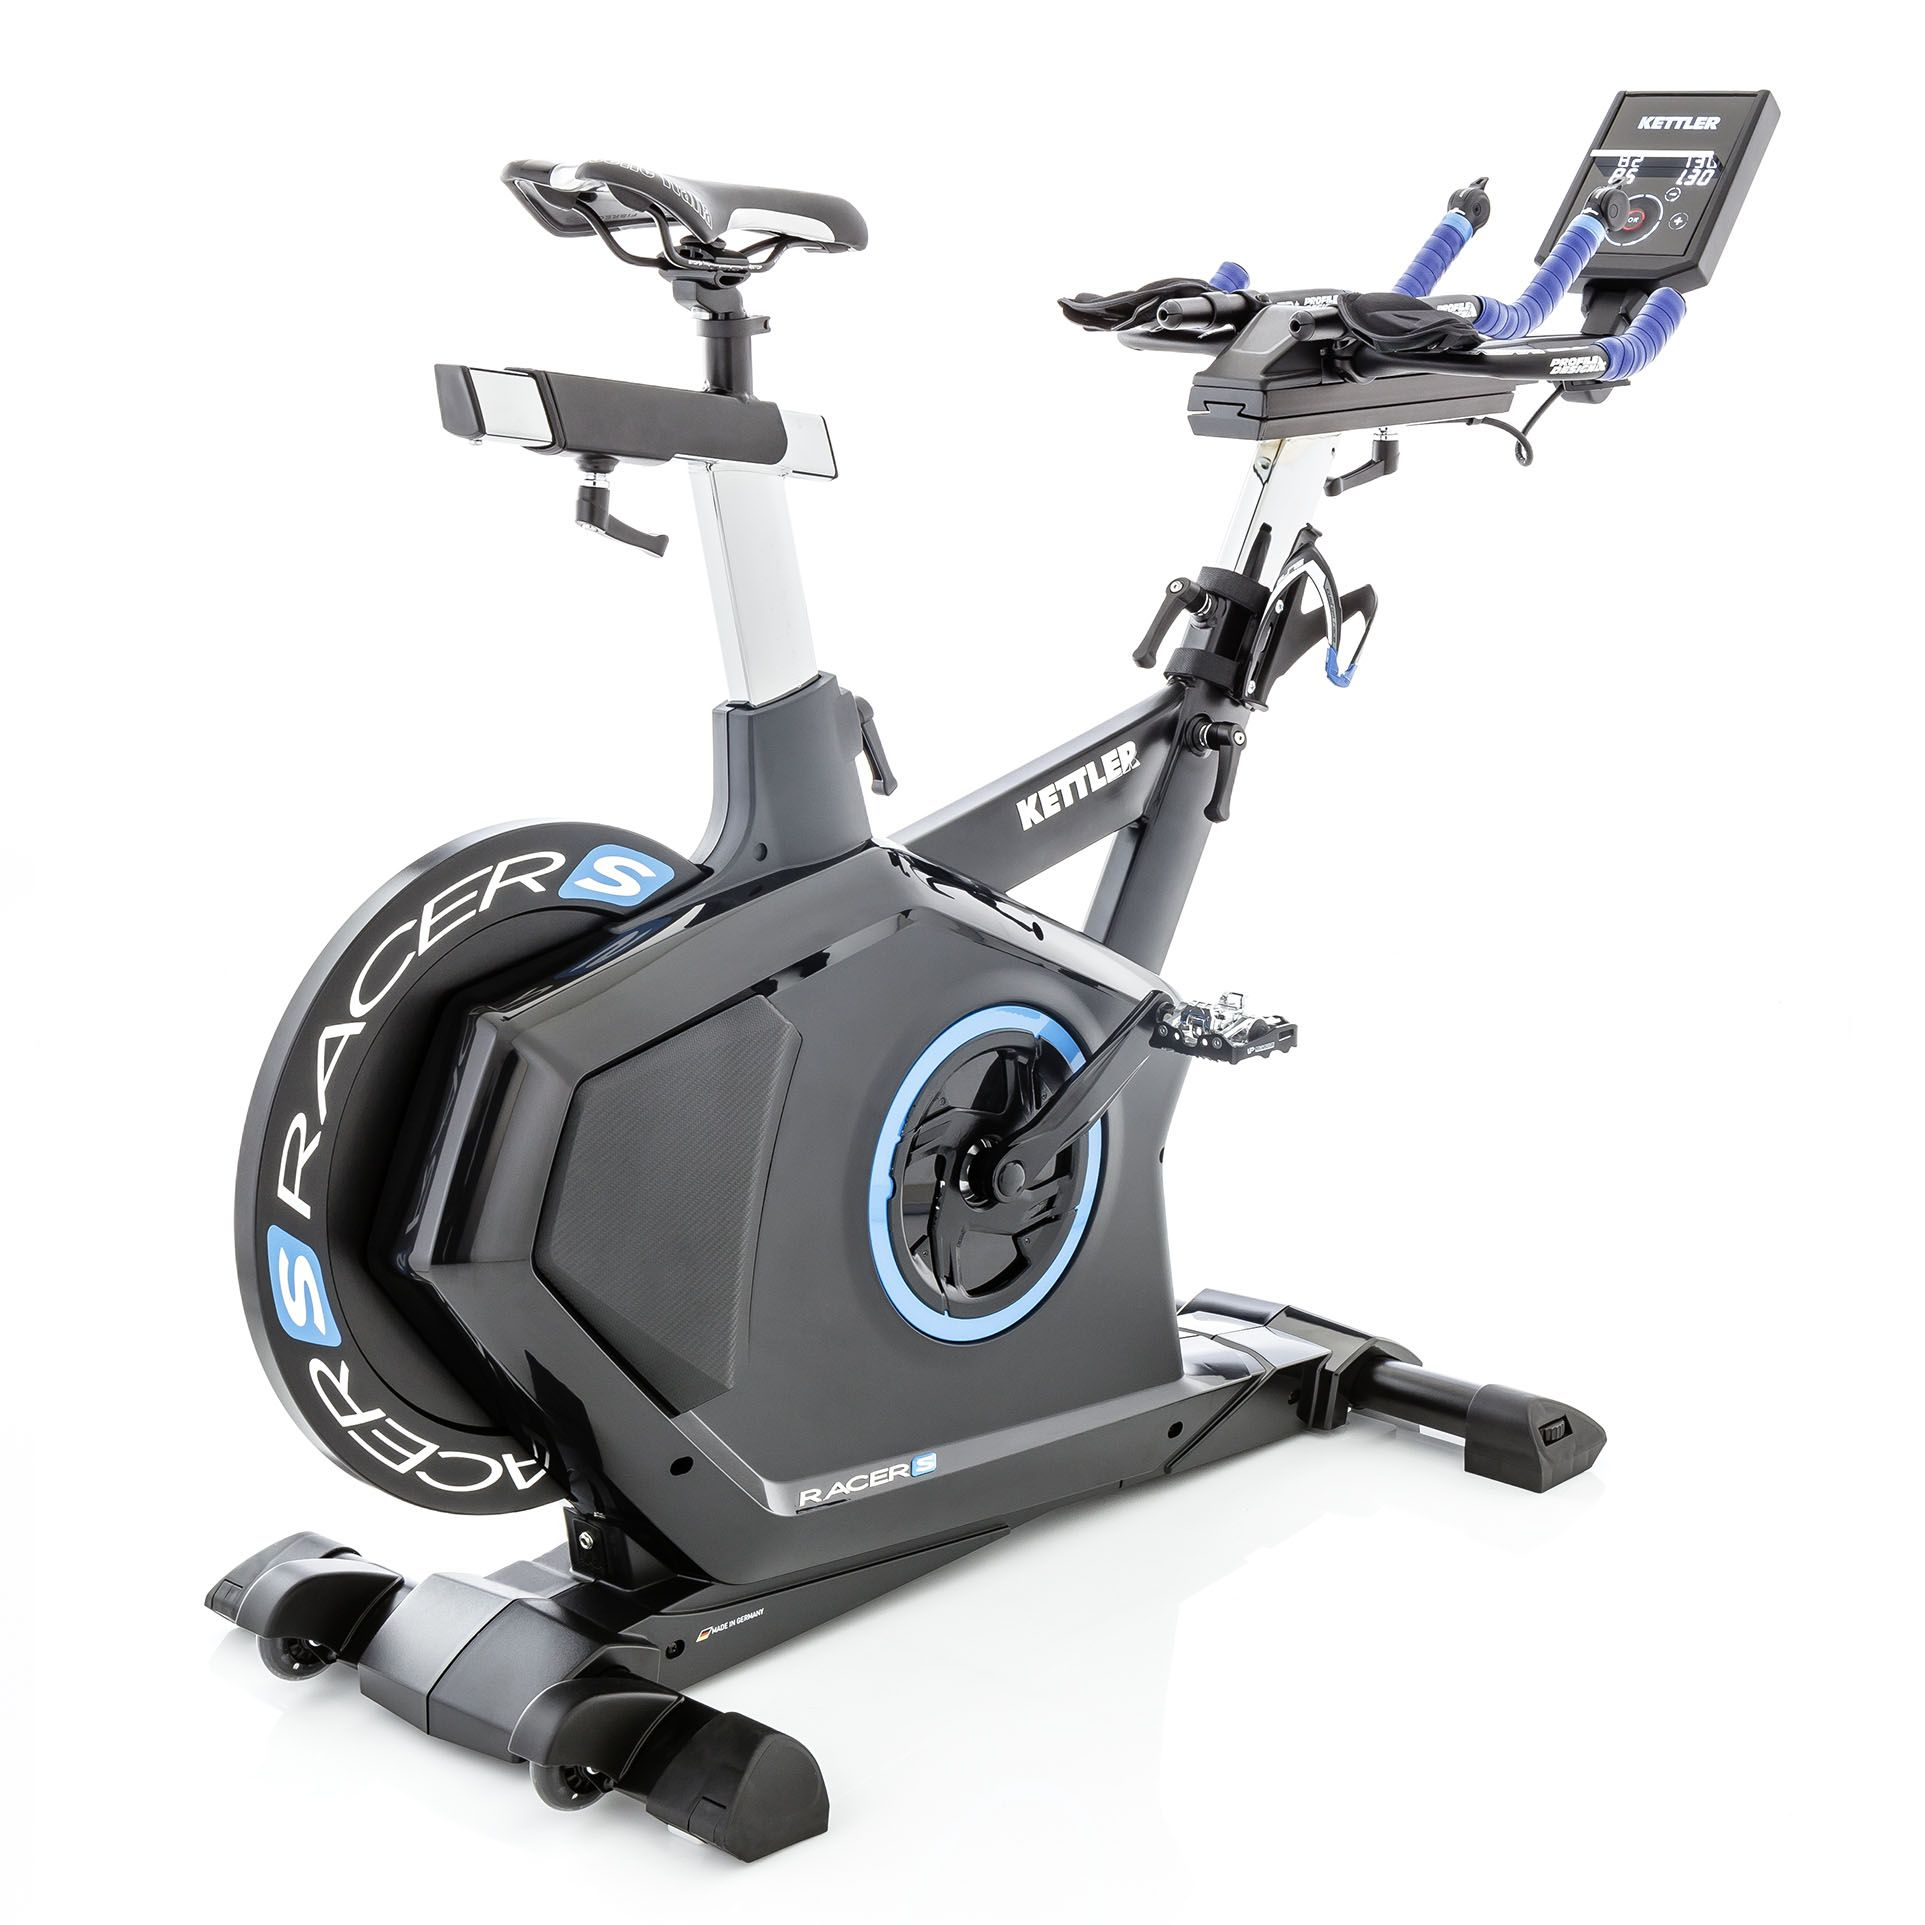 Kettler Racer S Indoor Cycle